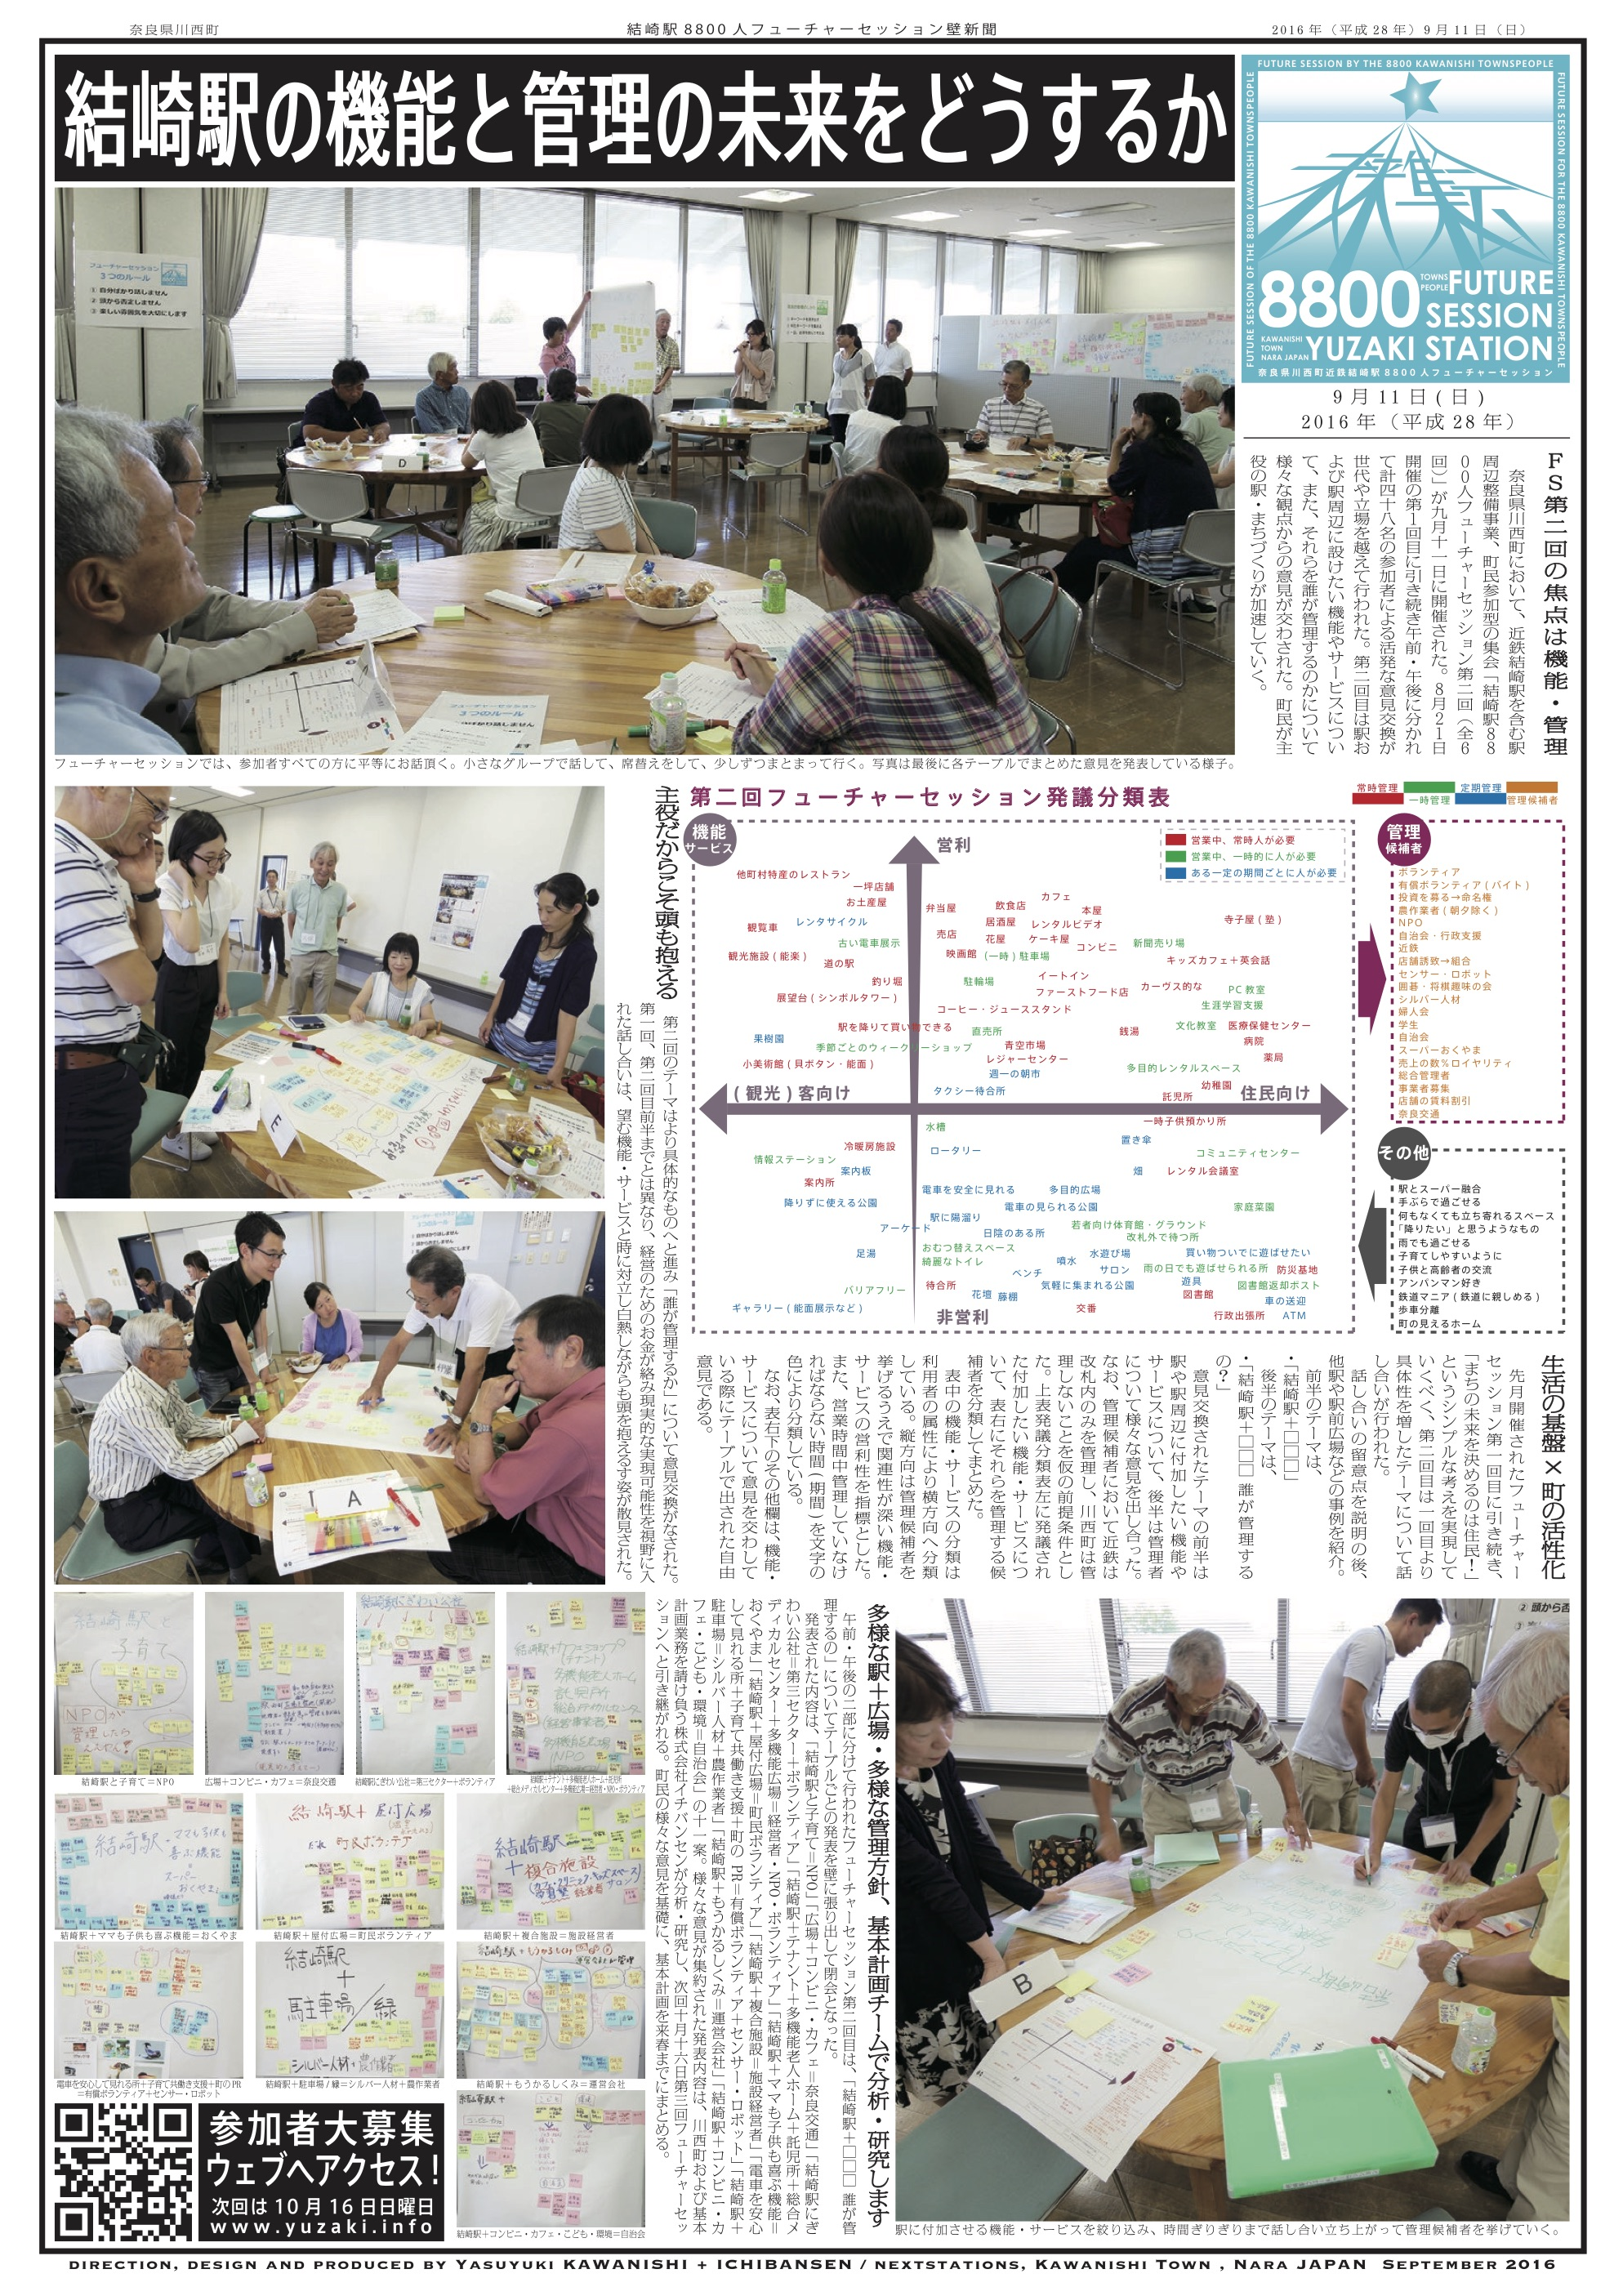 160921OL_yuz_FS02_壁新聞